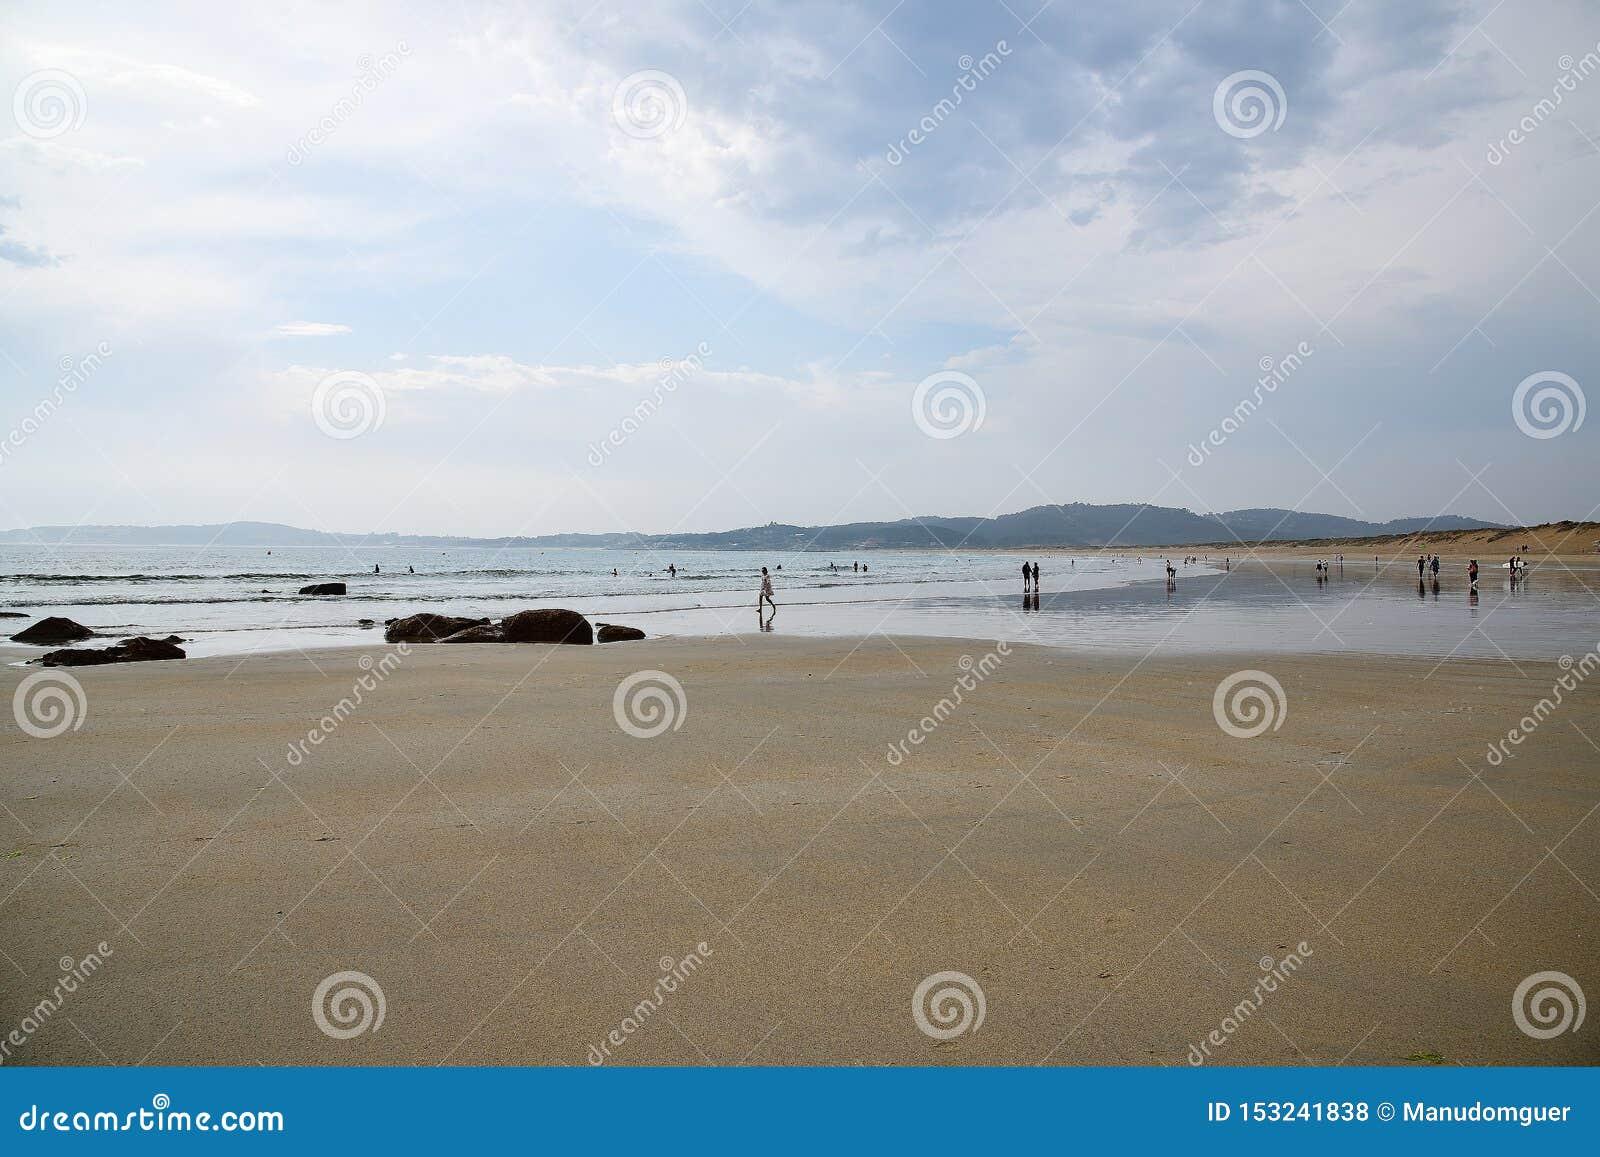 Jeden piękne plaże Gdy słońce ustawia zmierzch jarzy się na, macha ar, i horyzoncie wiatrze morze tutaj jest spokojny